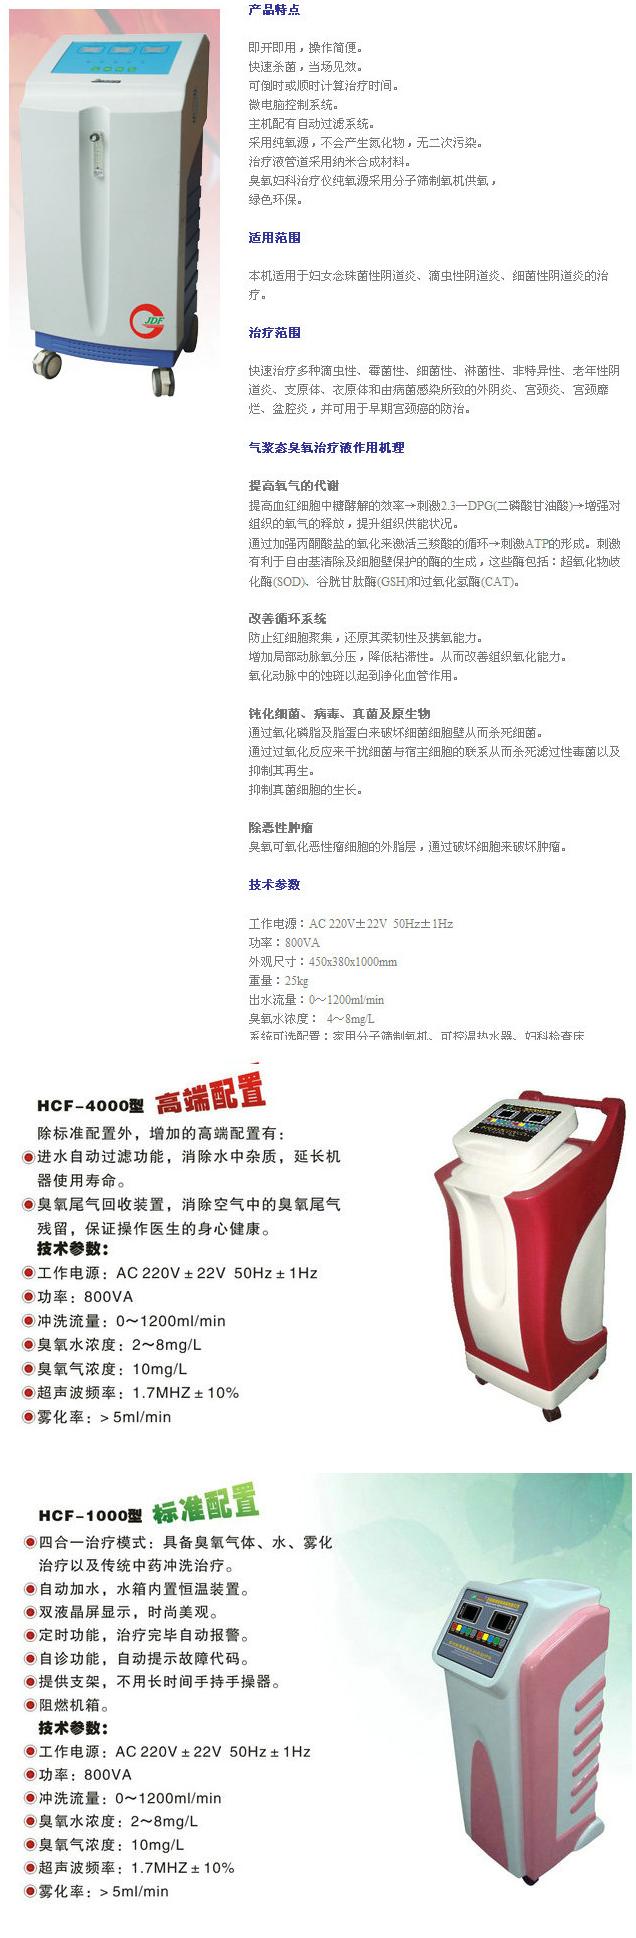 妇科臭氧治疗仪【医用】_皇城医疗仪器集团有限公司_副本.png